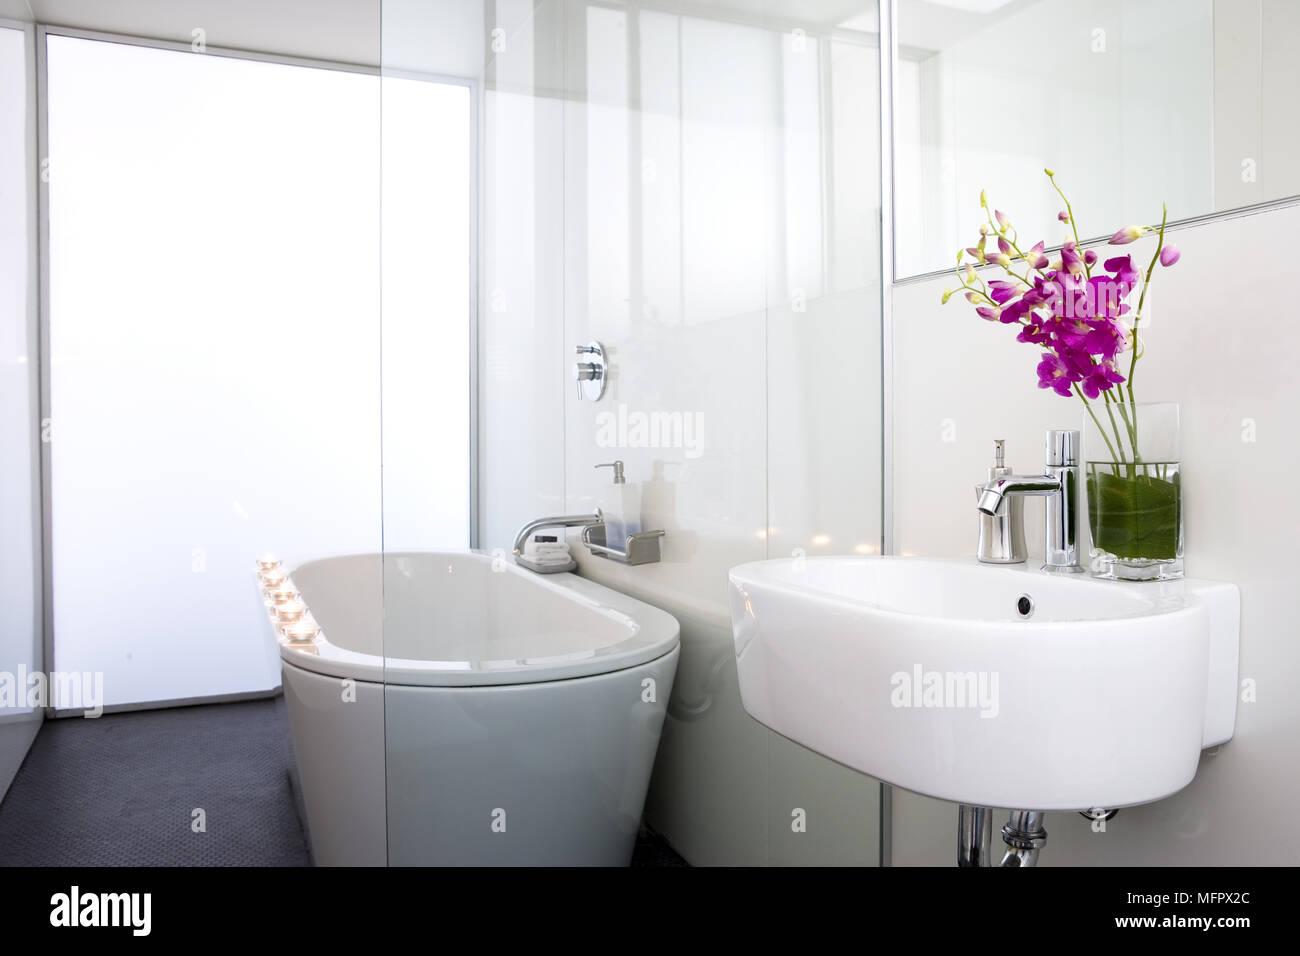 Freistehende Badewanne im modernen Badezimmer neben dem ...